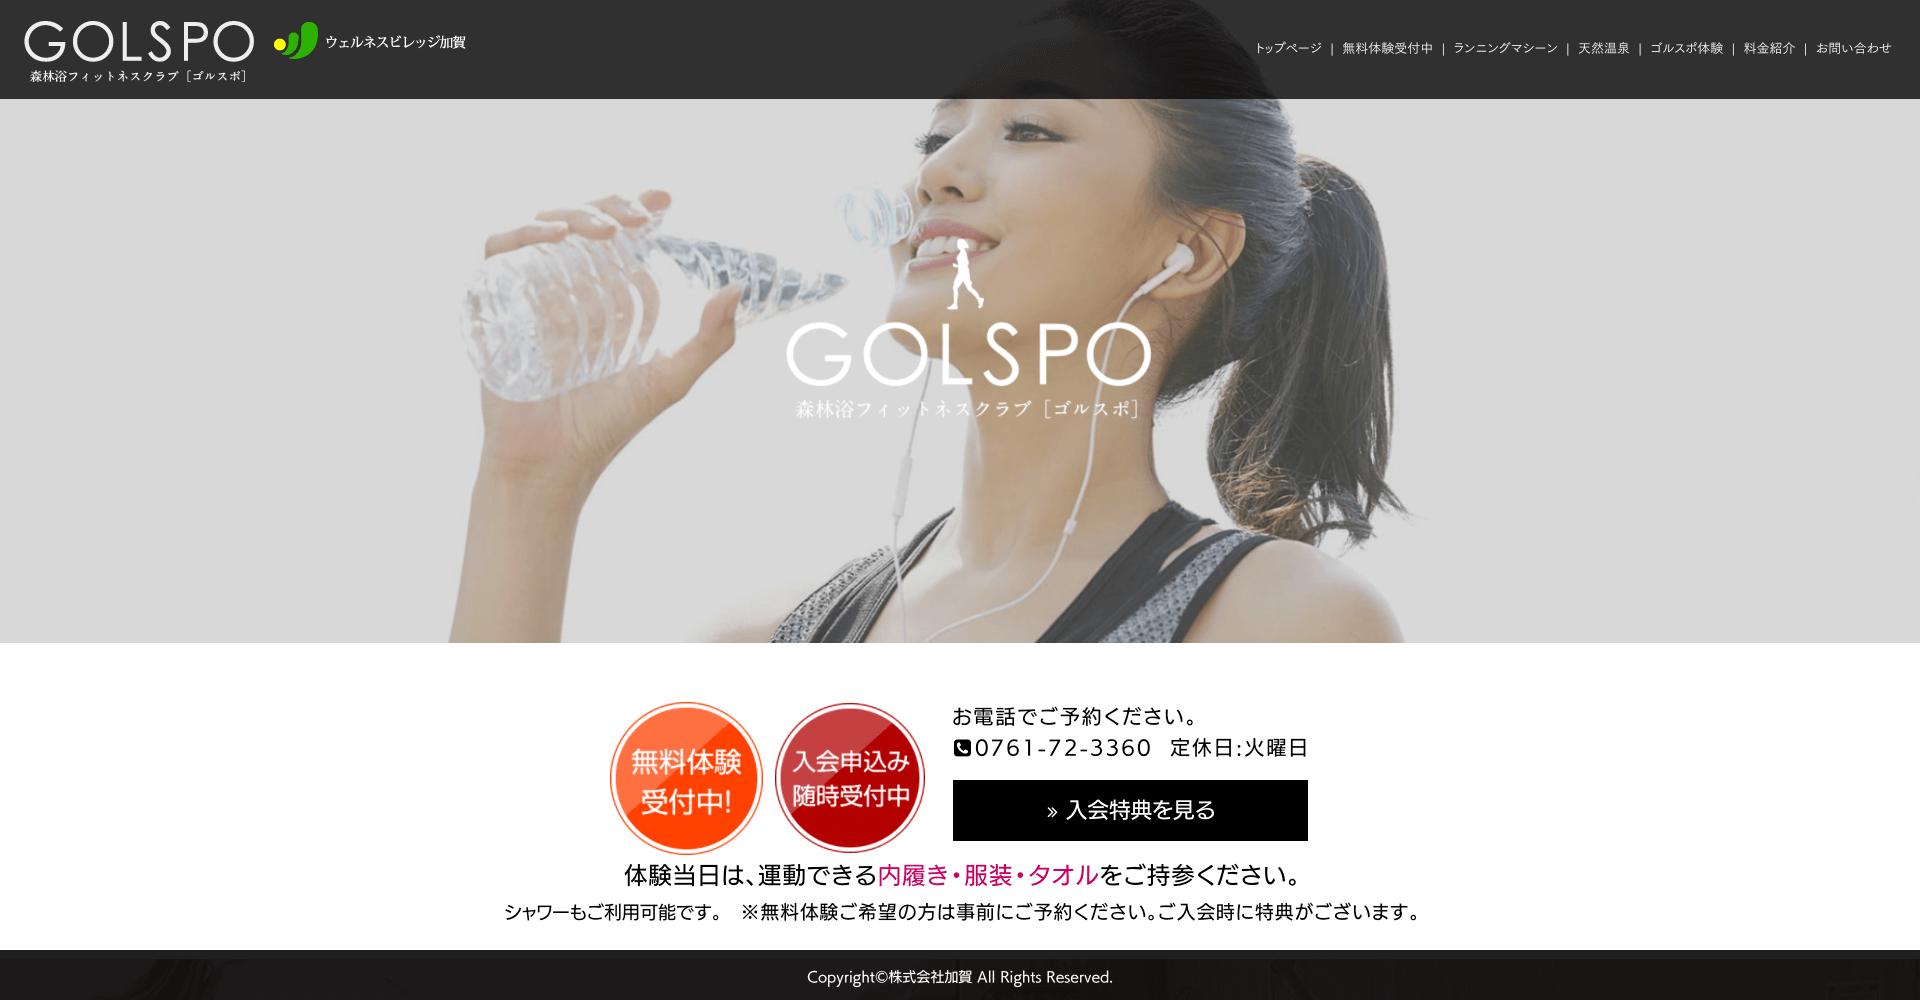 フィットネスクラブ・ゴルスポ(GOLSPO)